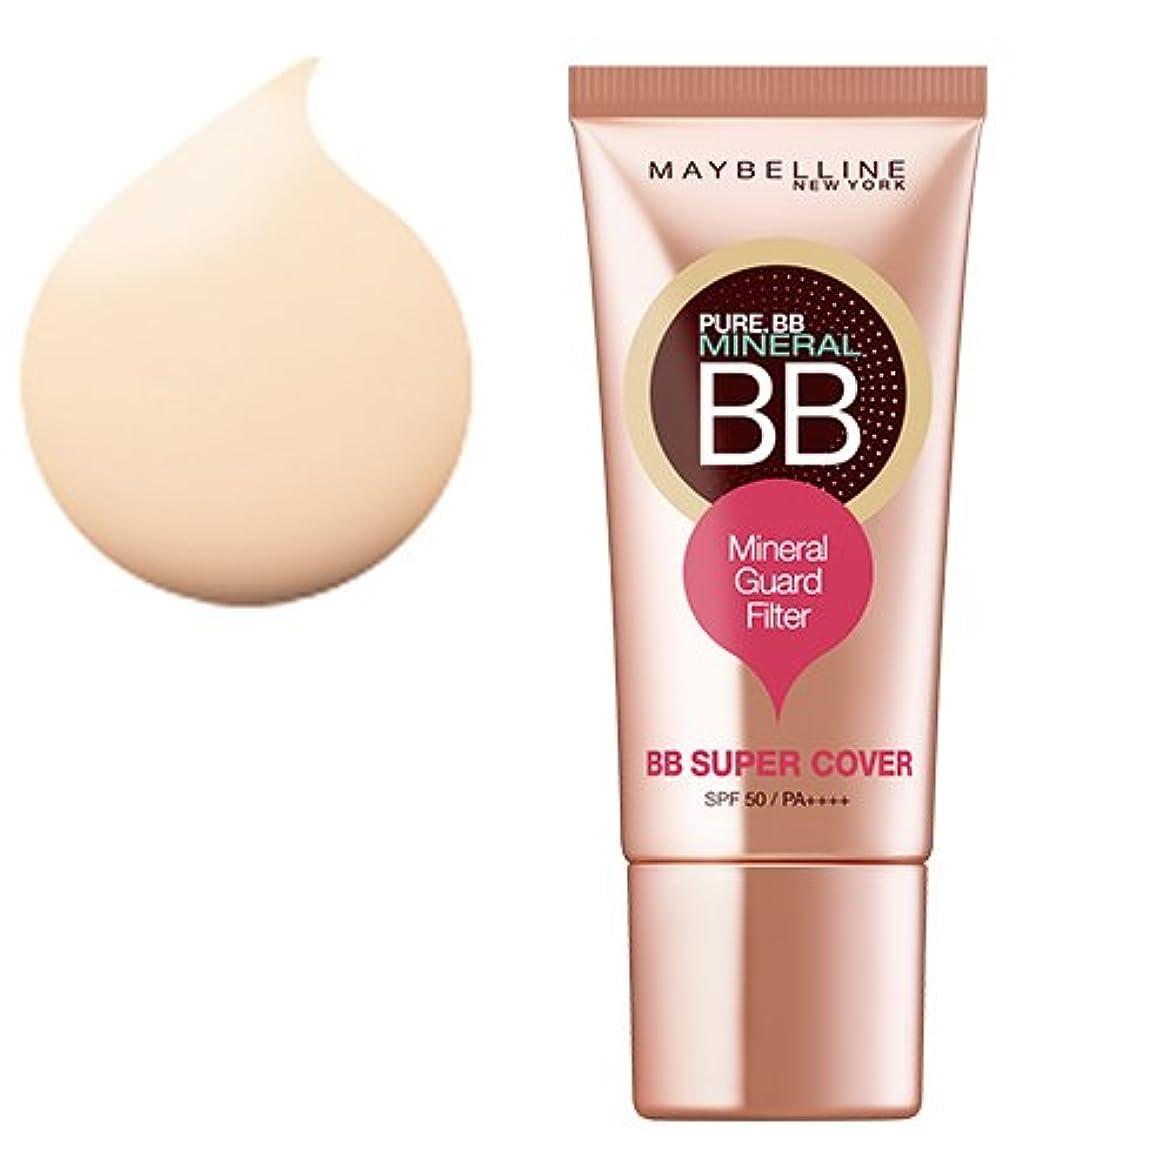 宝母性海洋メイベリン BBクリーム ピュアミネラル BB SP カバー 01 ナチュラル ベージュ